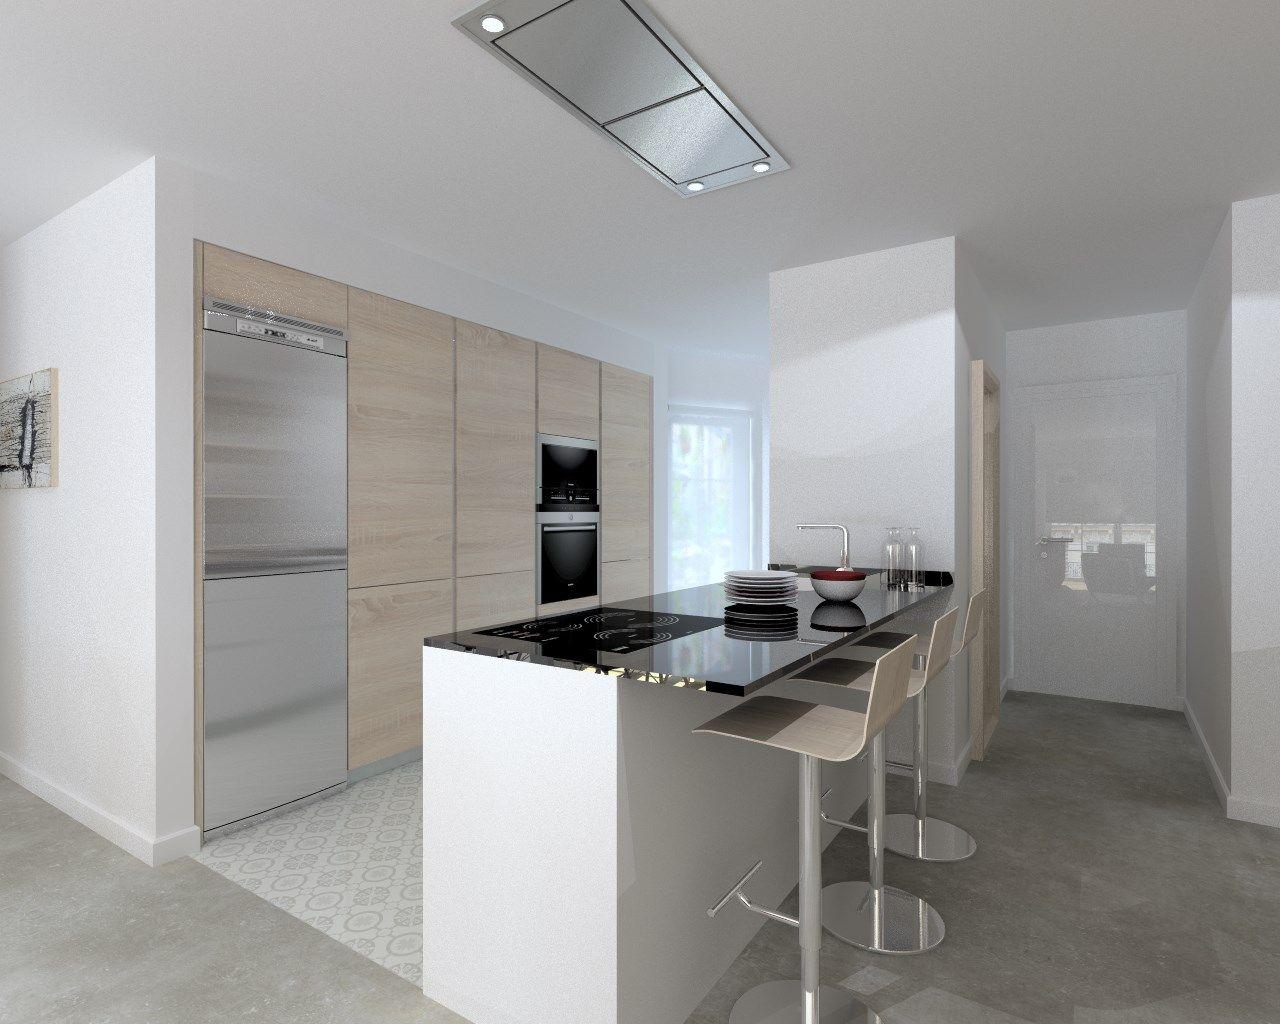 Cocina santos modelo line estratificado blanco roble - Cocina roble ...